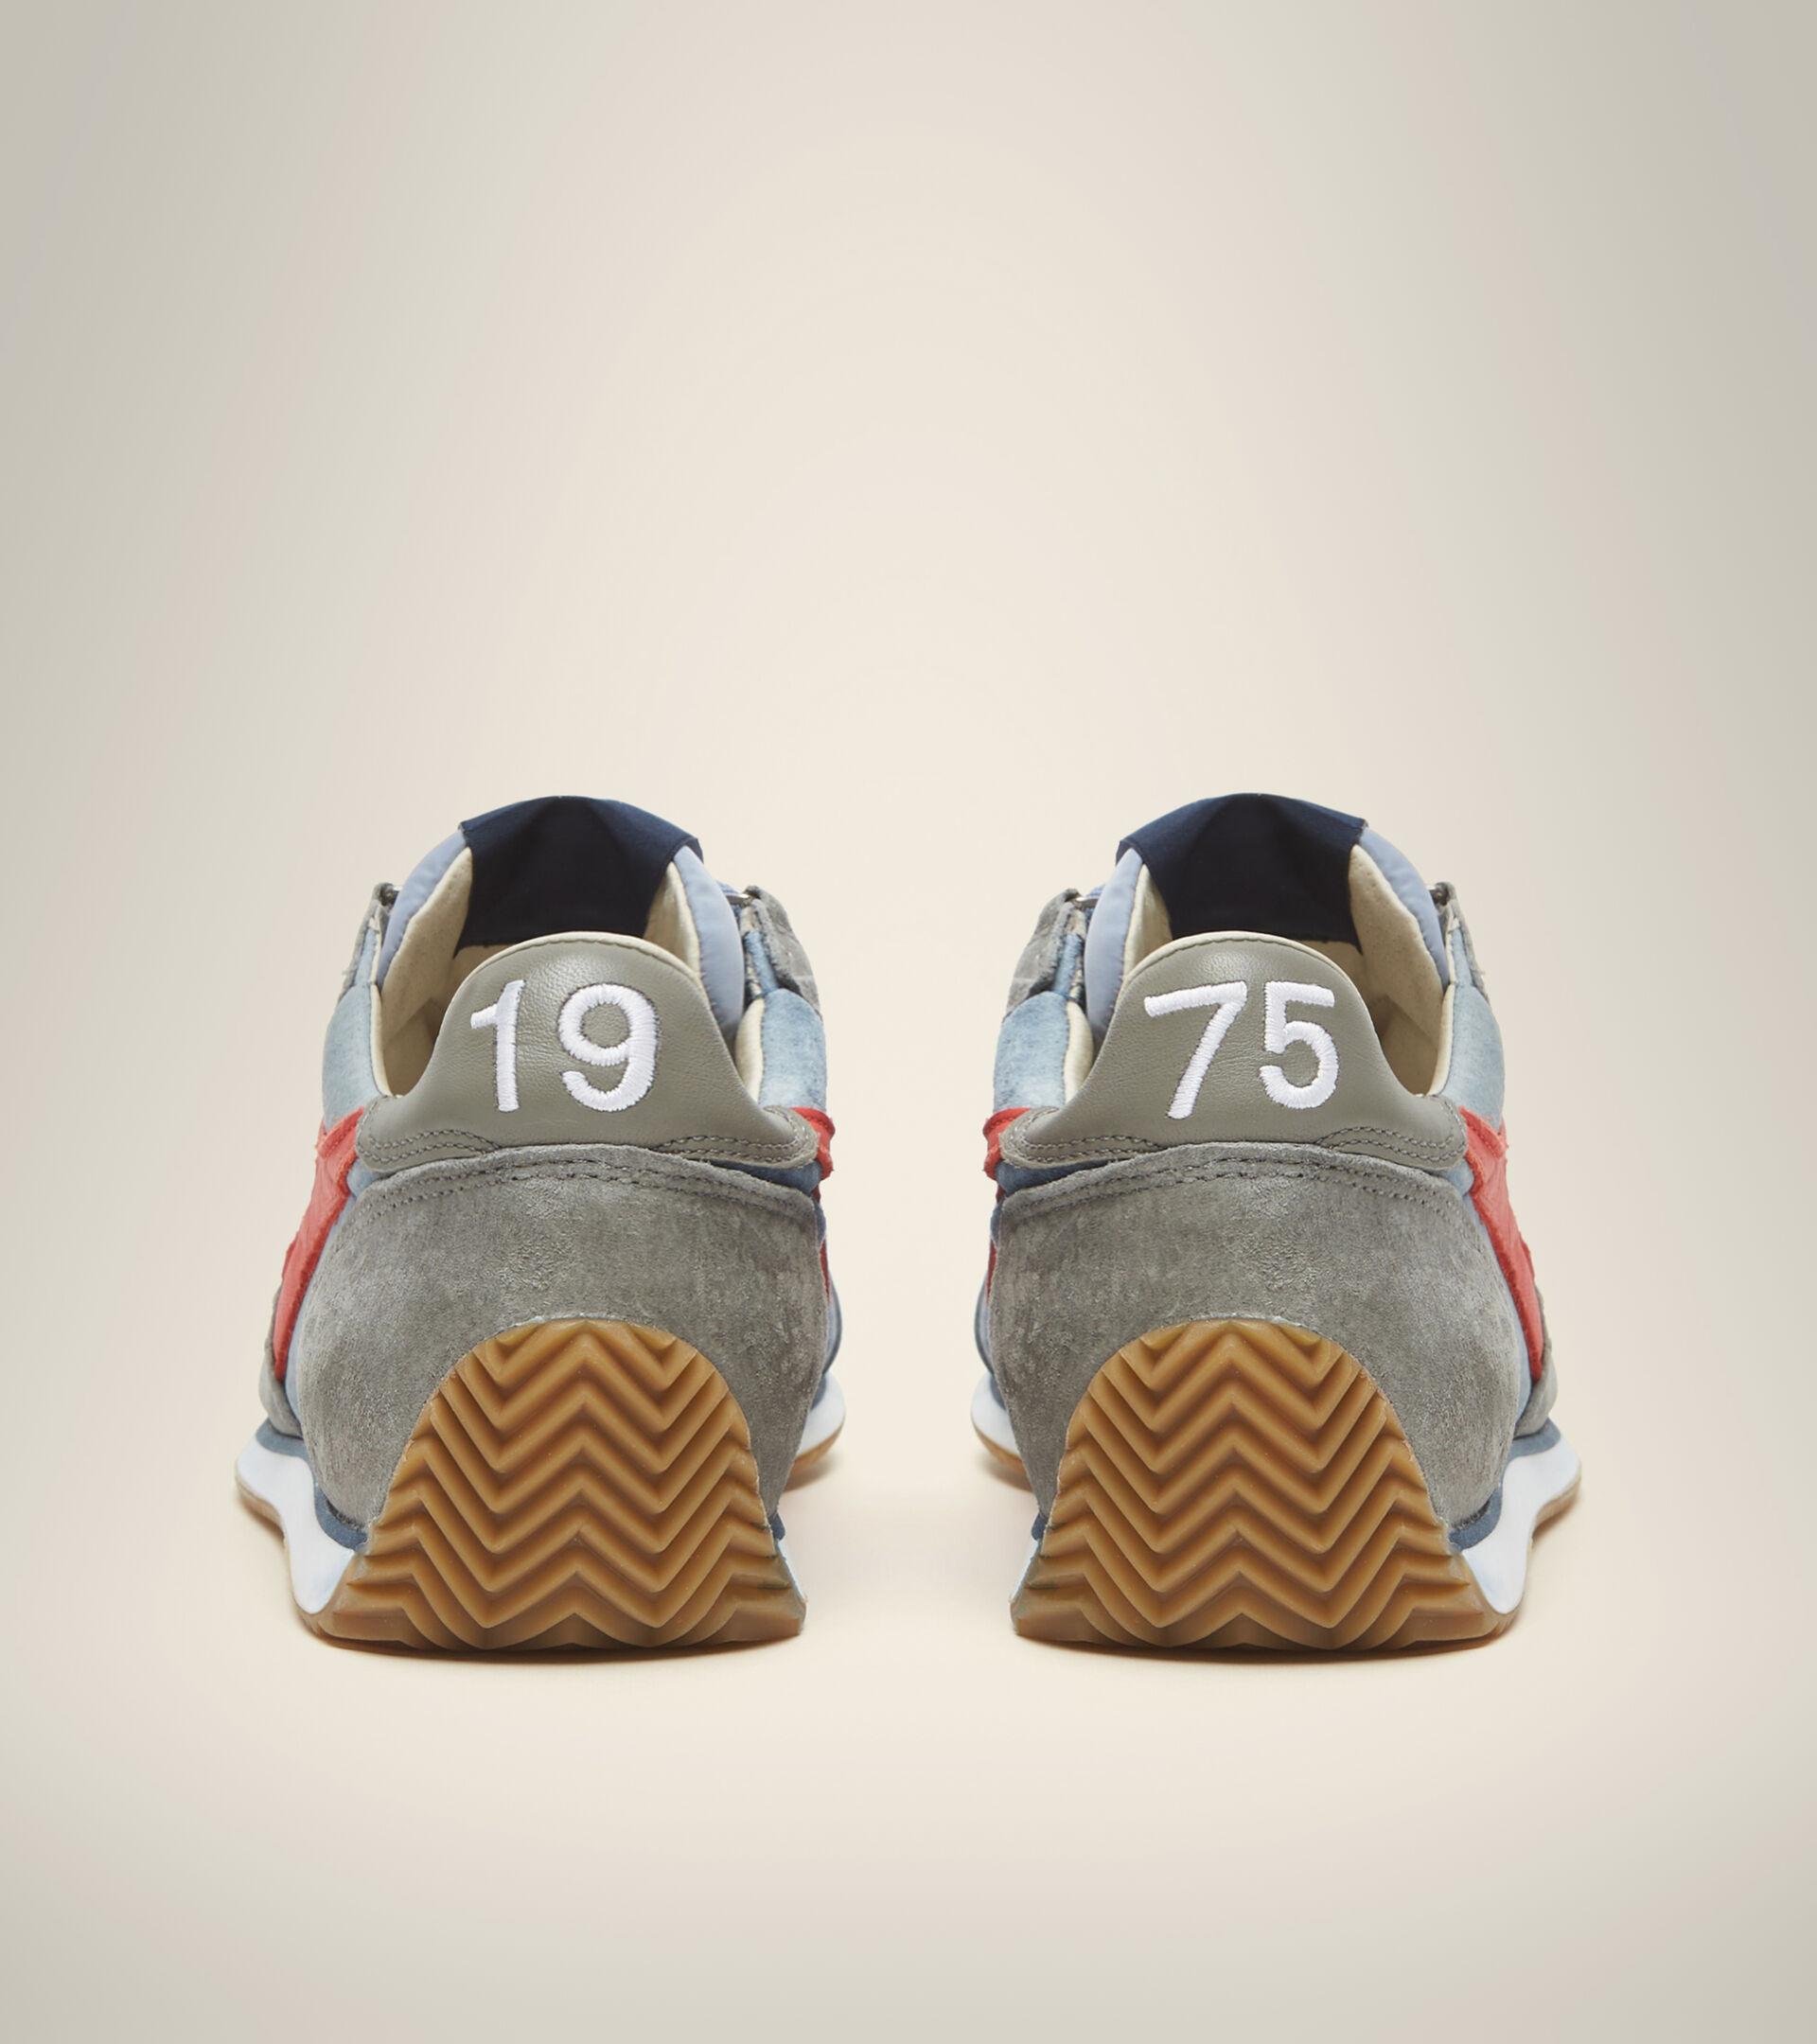 Footwear Heritage UNISEX EQUIPE SUEDE SW TELA VACQUERA DESTENIDO Diadora